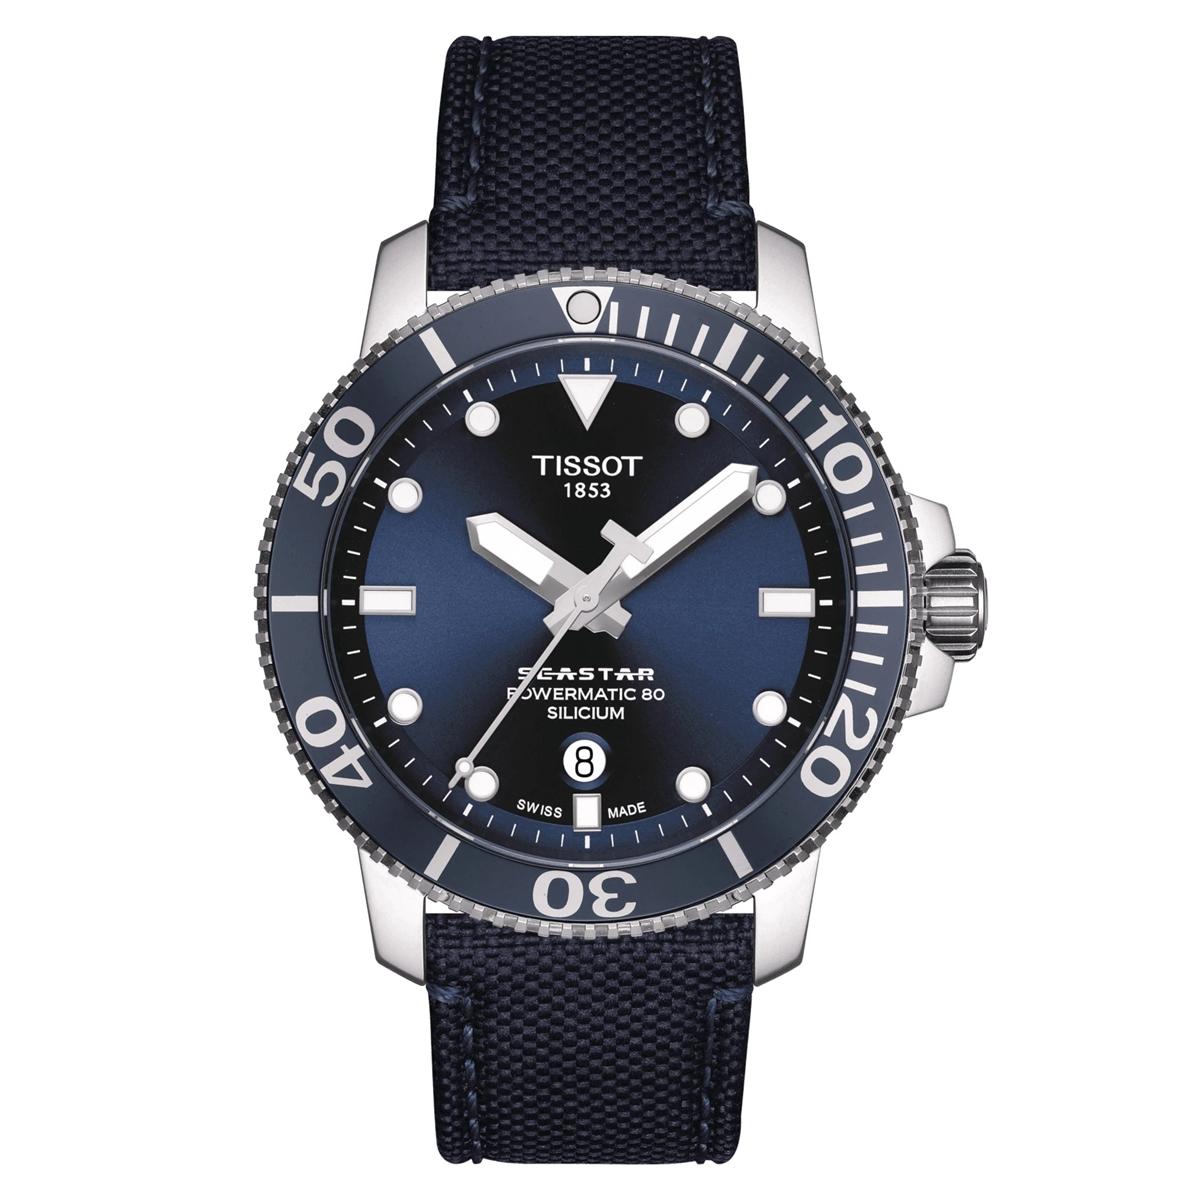 ティソ TISSOT T120.407.17.041.01 T-スポーツ シースター1000 オートマティック シリシウム シリコン製ひげゼンマイ 正規品 腕時計